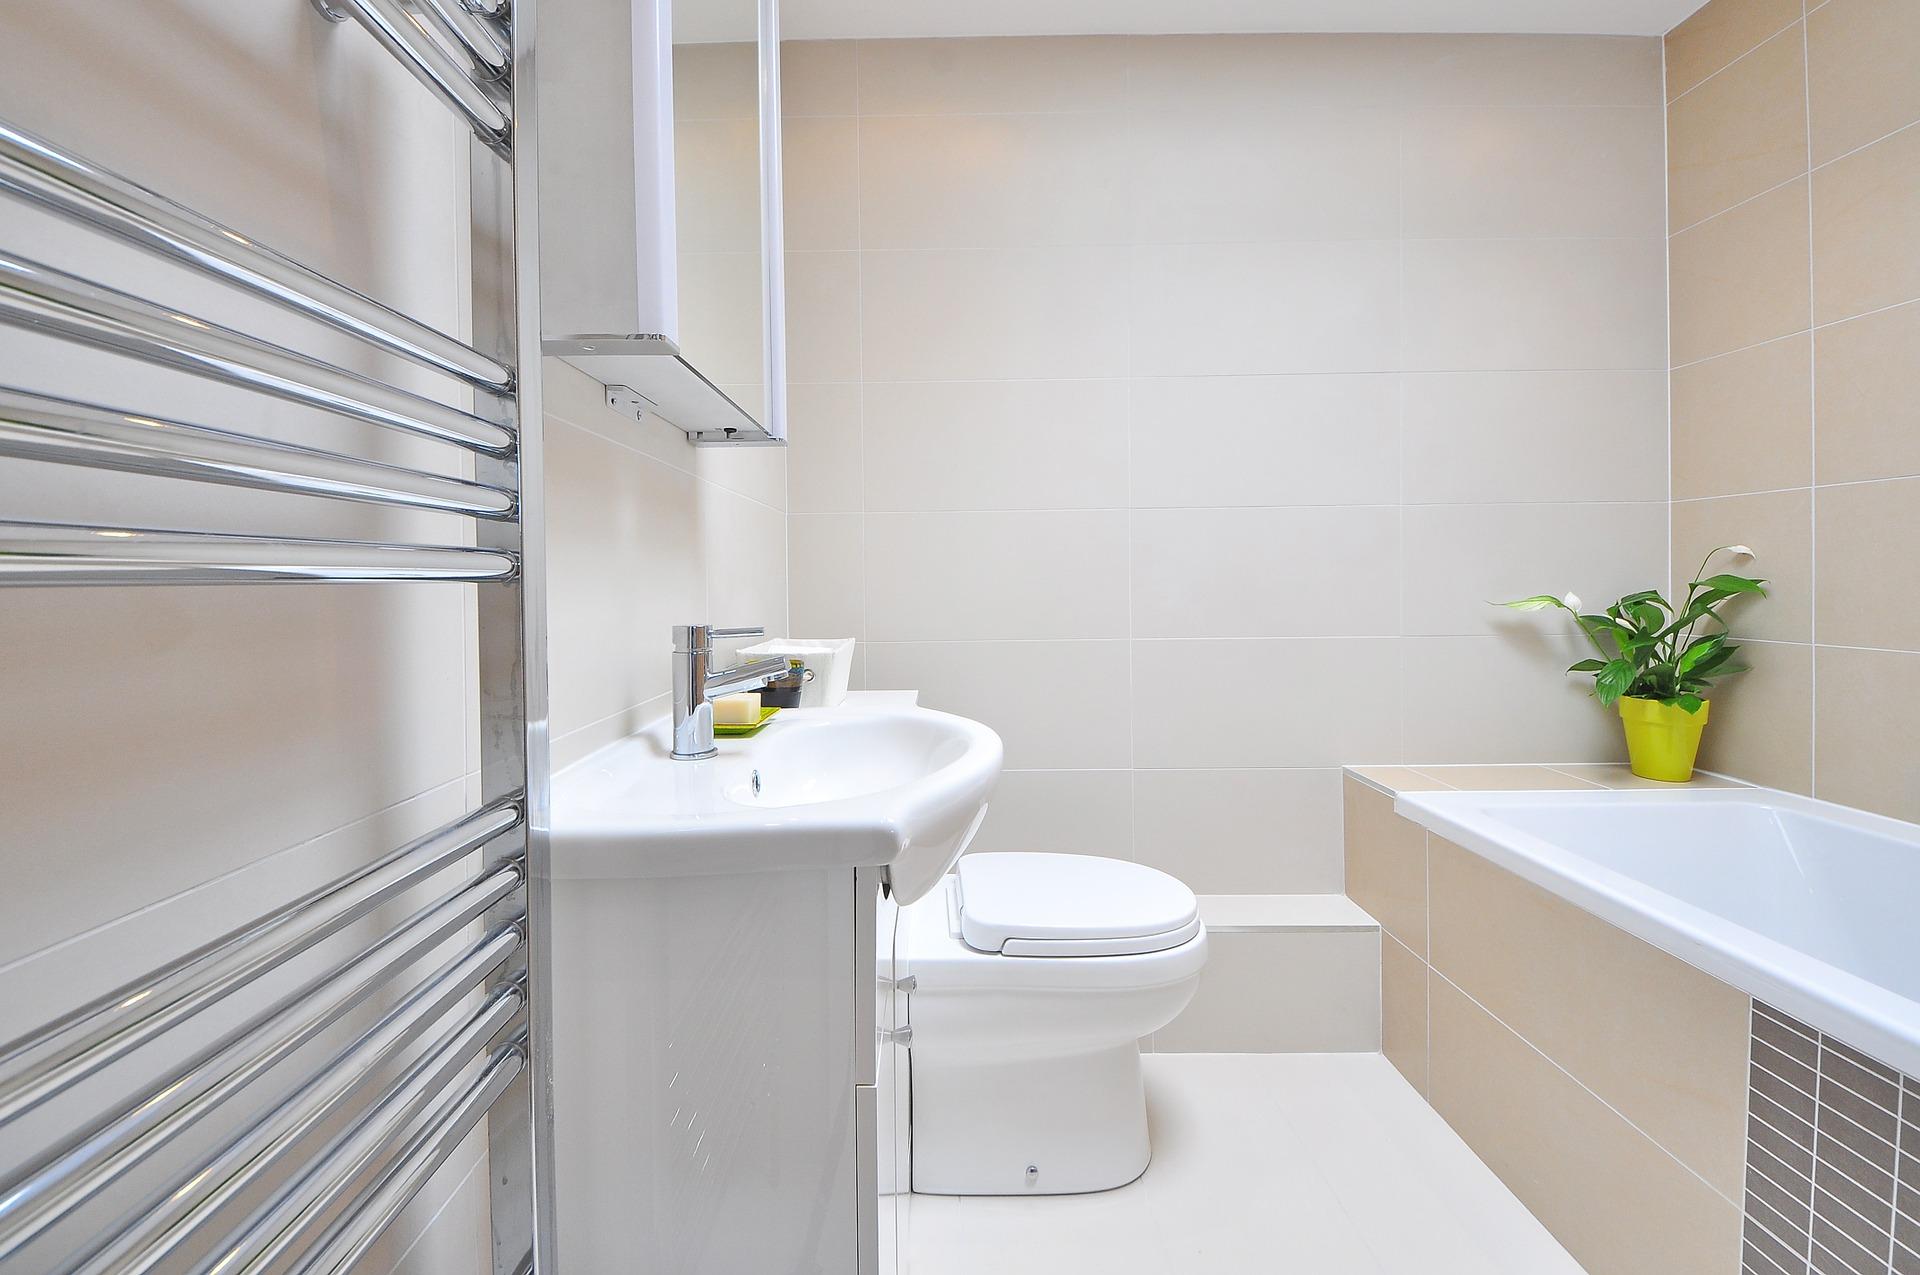 badezimmer putzen putztipps tipps und hilfe. Black Bedroom Furniture Sets. Home Design Ideas